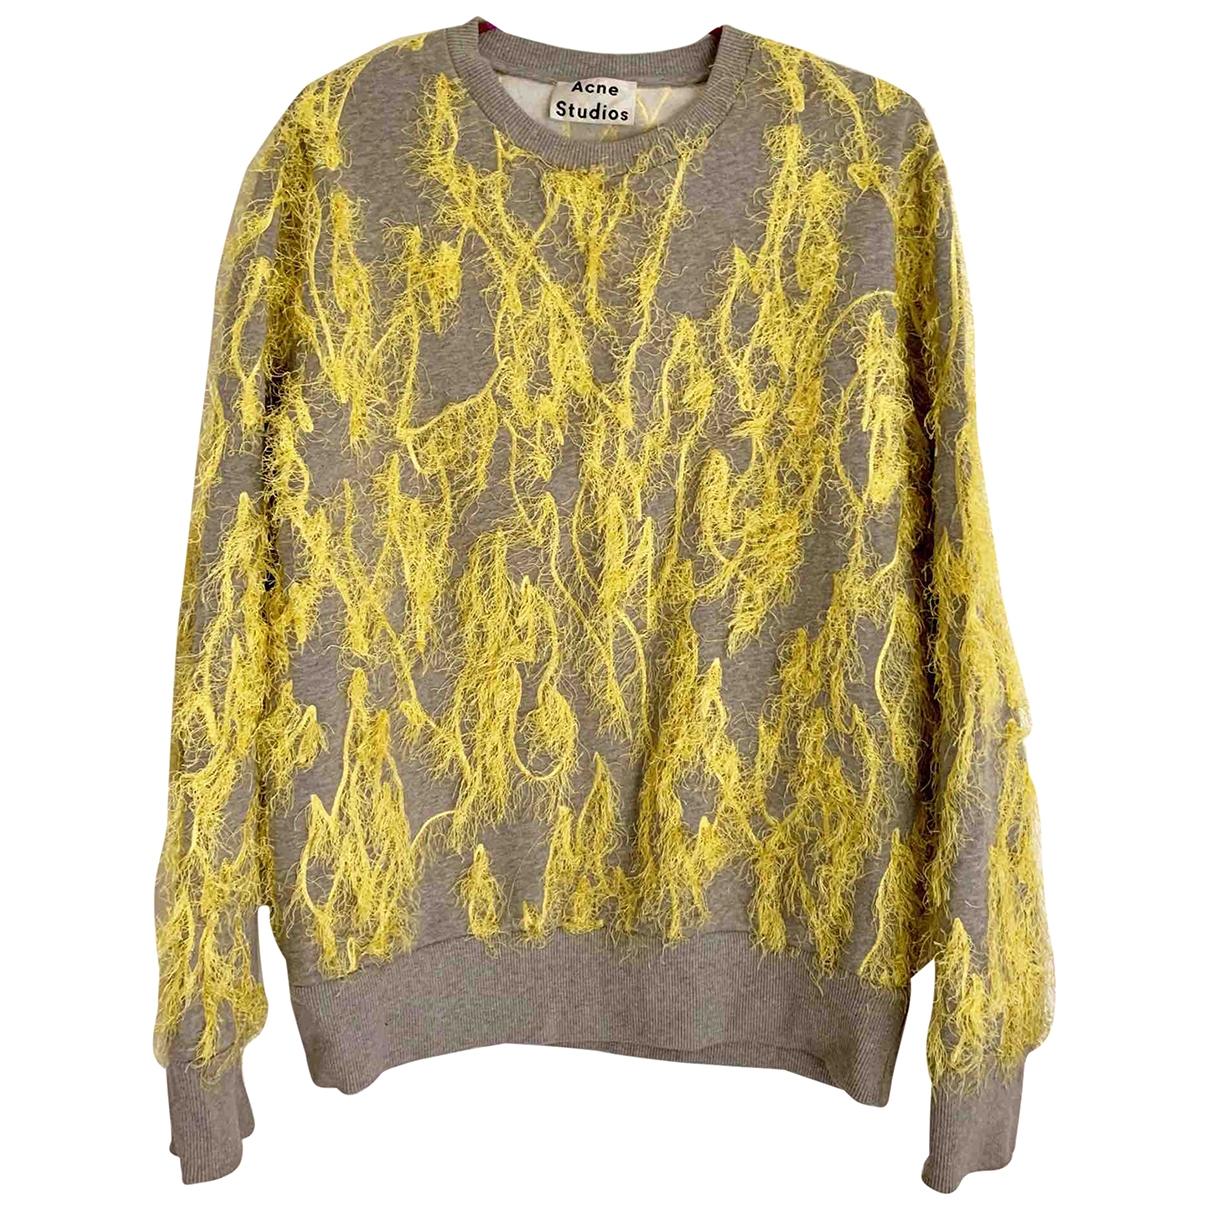 Acne Studios - Pull   pour femme en coton - jaune